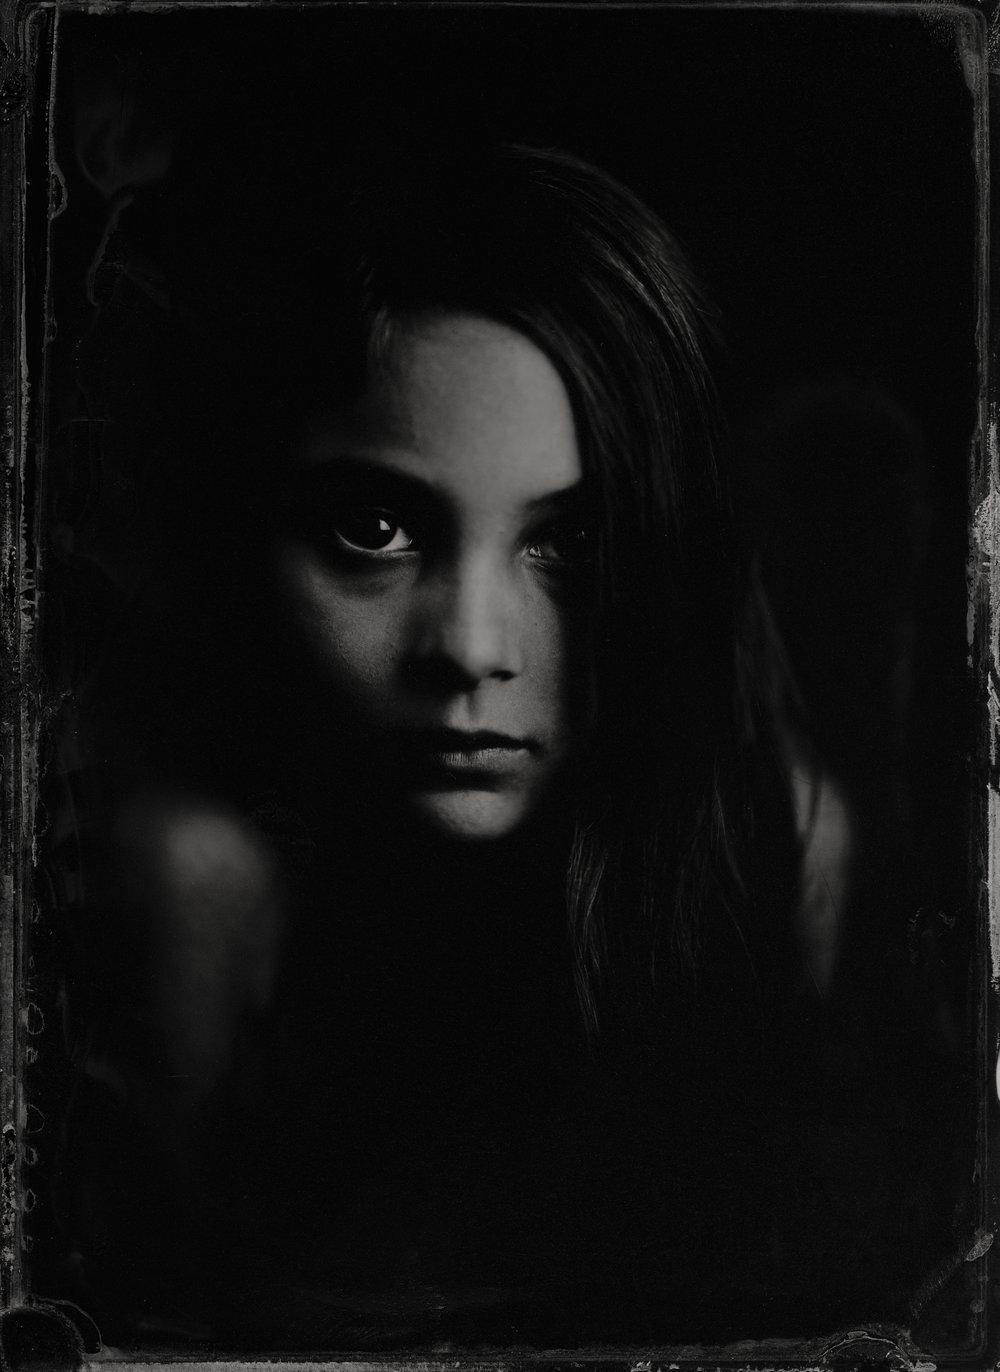 Lucia_I.jpg